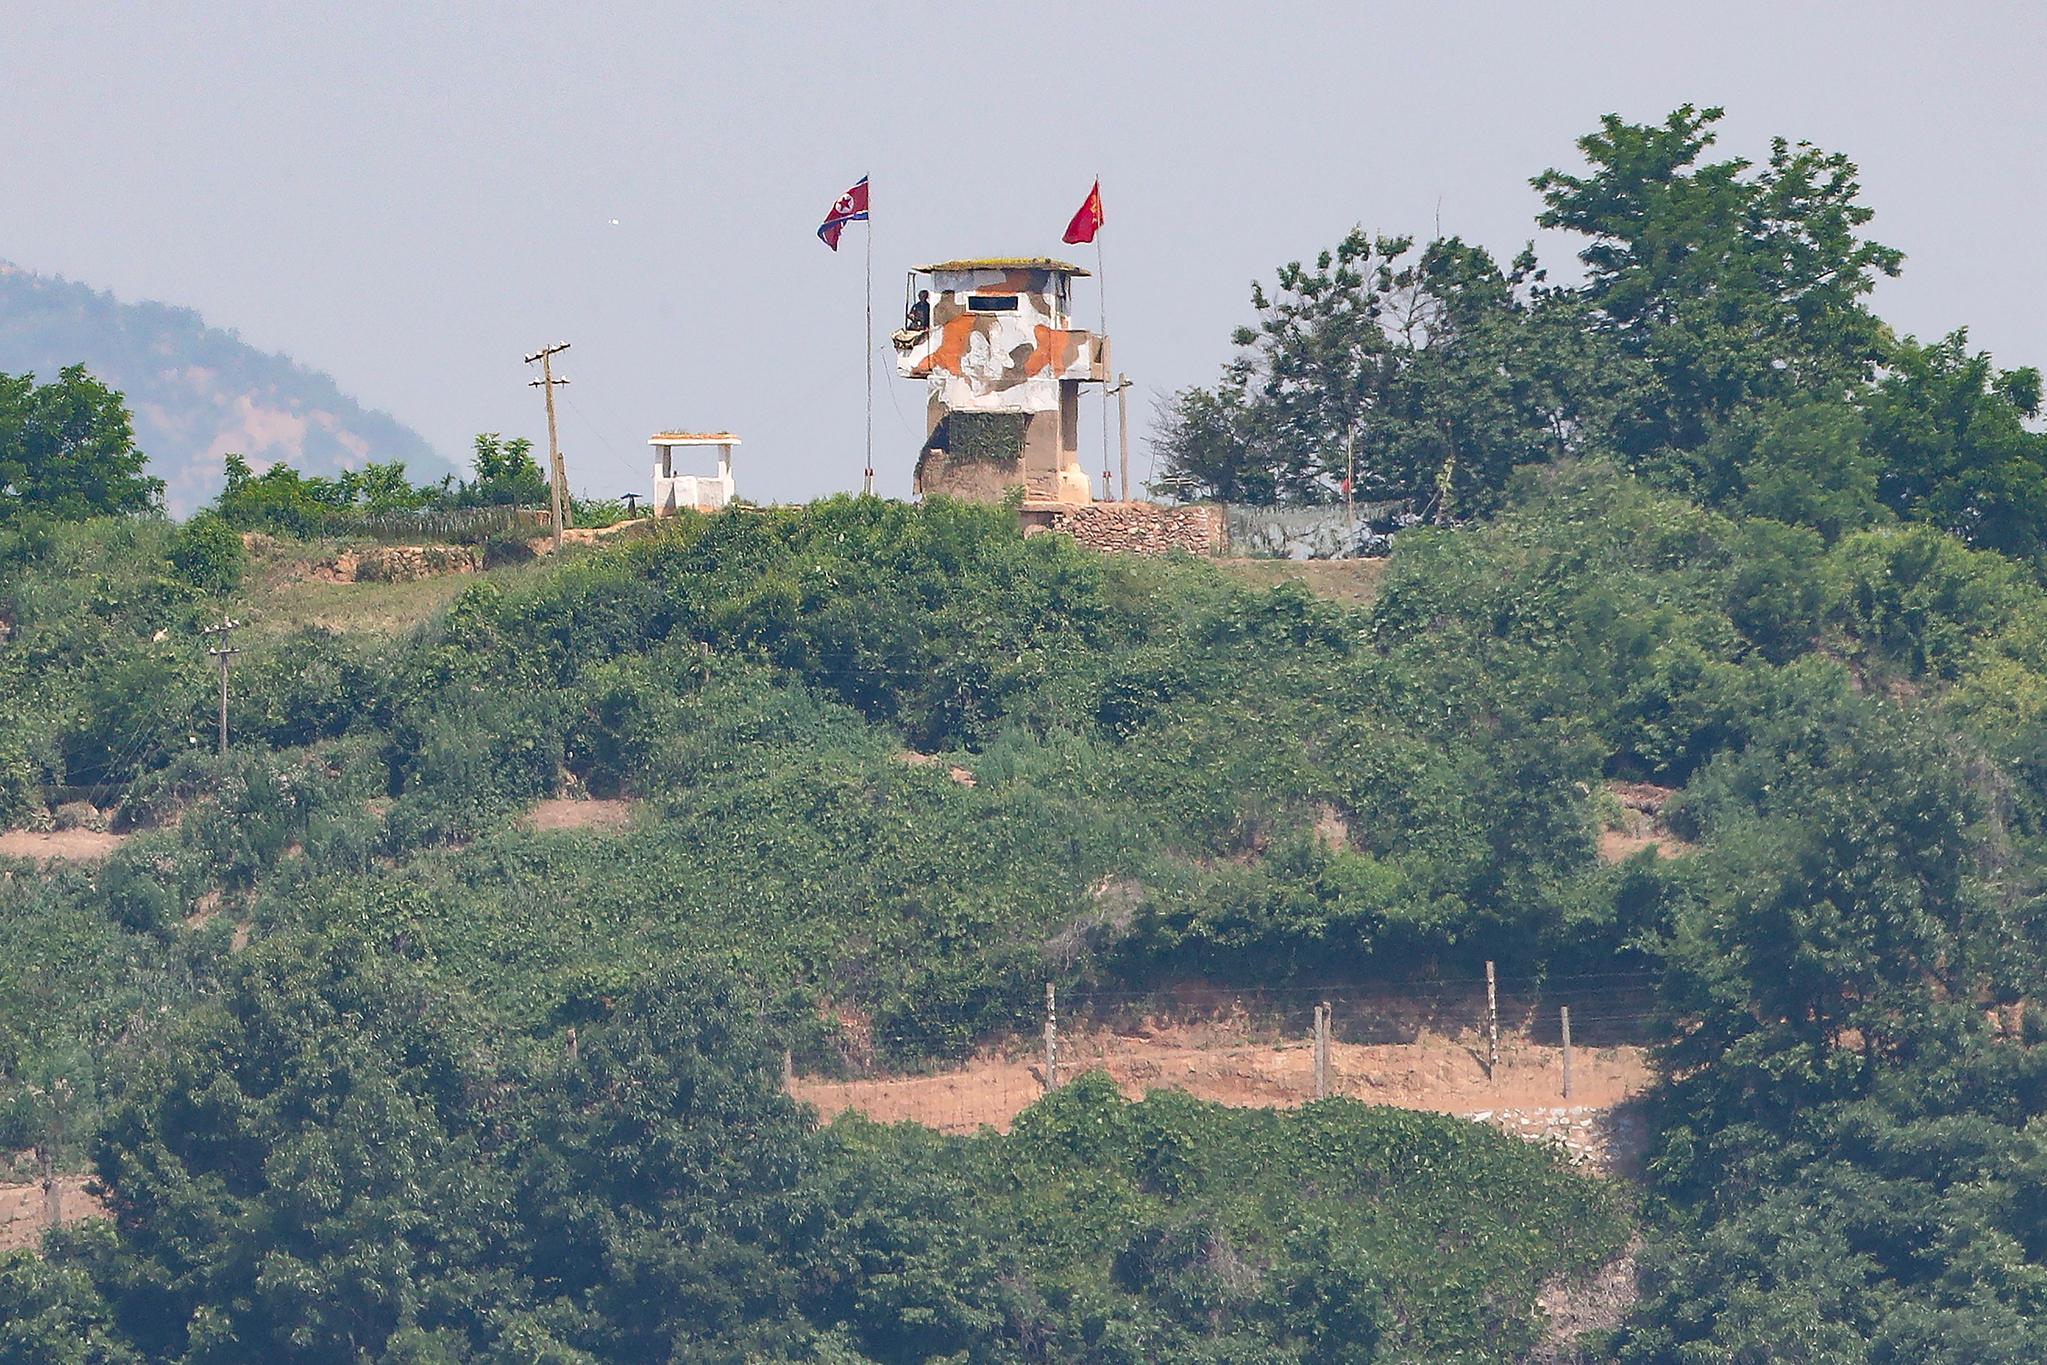 북한이 남북 간 모든 통신연락 채널을 완전히 폐기한다고 밝힌 9일 경기도 파주시 접경지역에서 바라본 북한 초소에서 북한군이 남측을 바라보고 있다. 연합뉴스